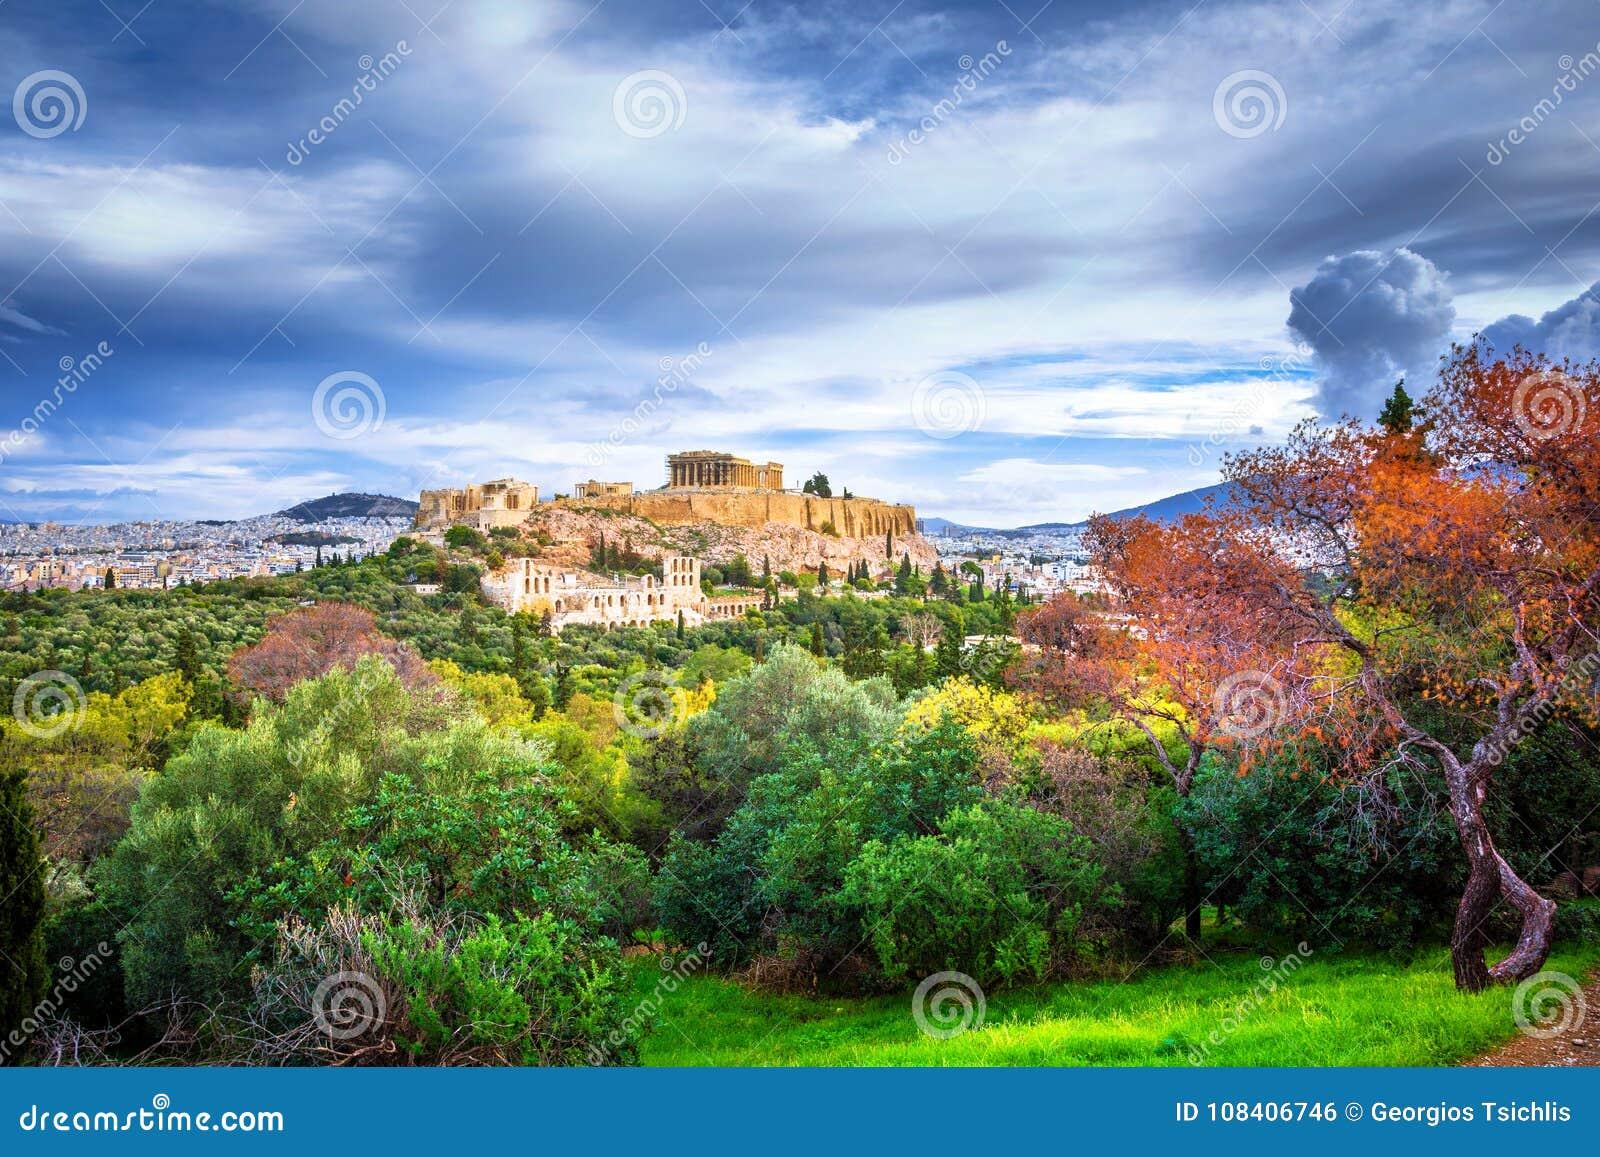 Acropole avec le parthenon Vue par un cadre avec les plantes vertes, les arbres, les marbres antiques et le paysage urbain, Athèn